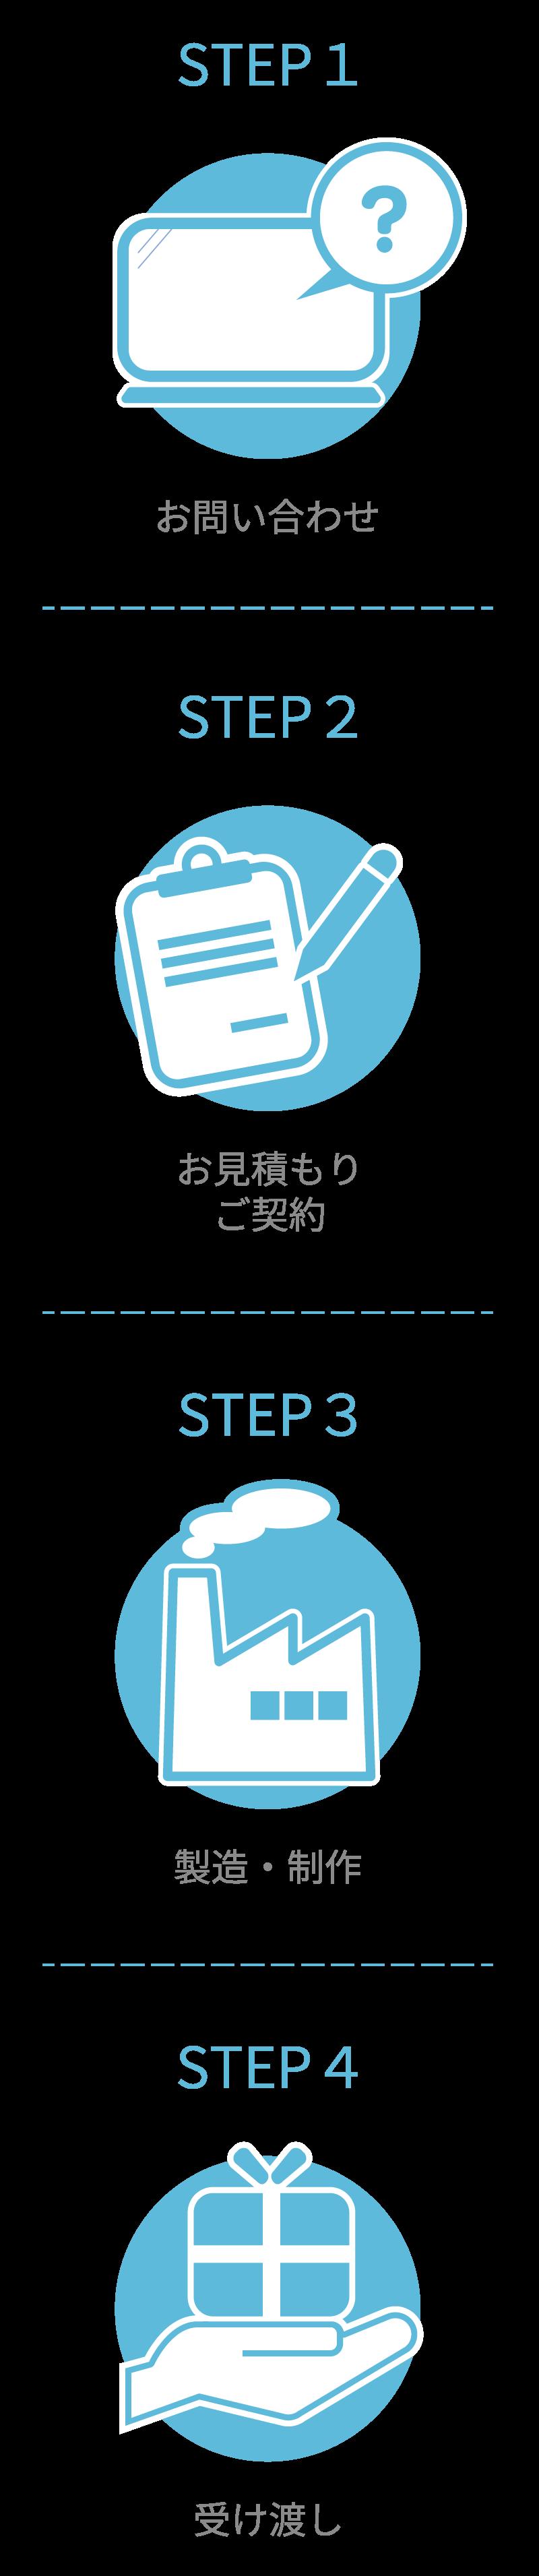 STEP1 お問い合わせ STEP2 お見積もり、ご契約 STEP3 製造・制作 STEP4 受け渡し